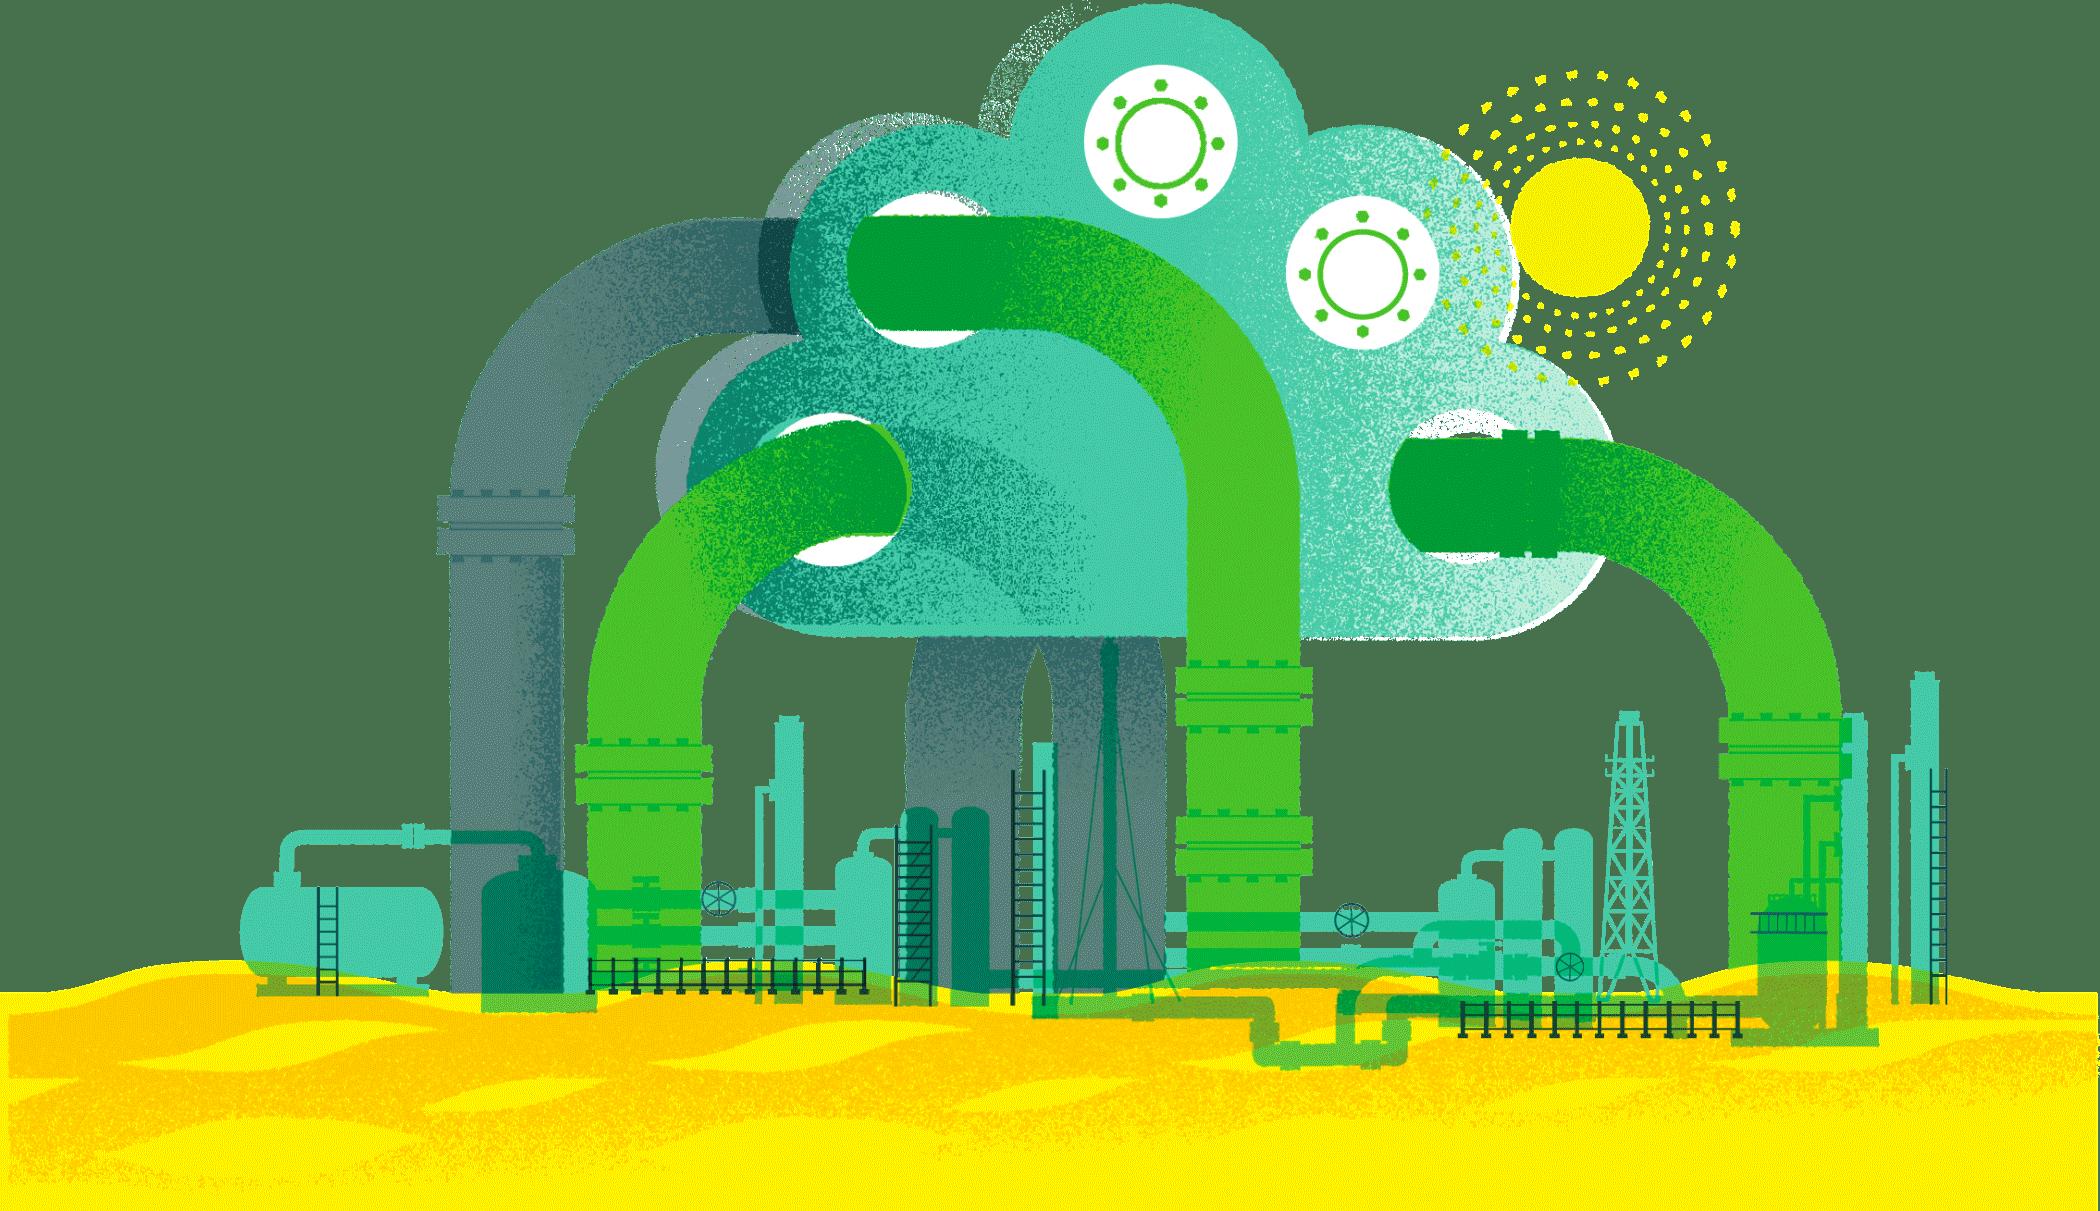 Illustration, Green